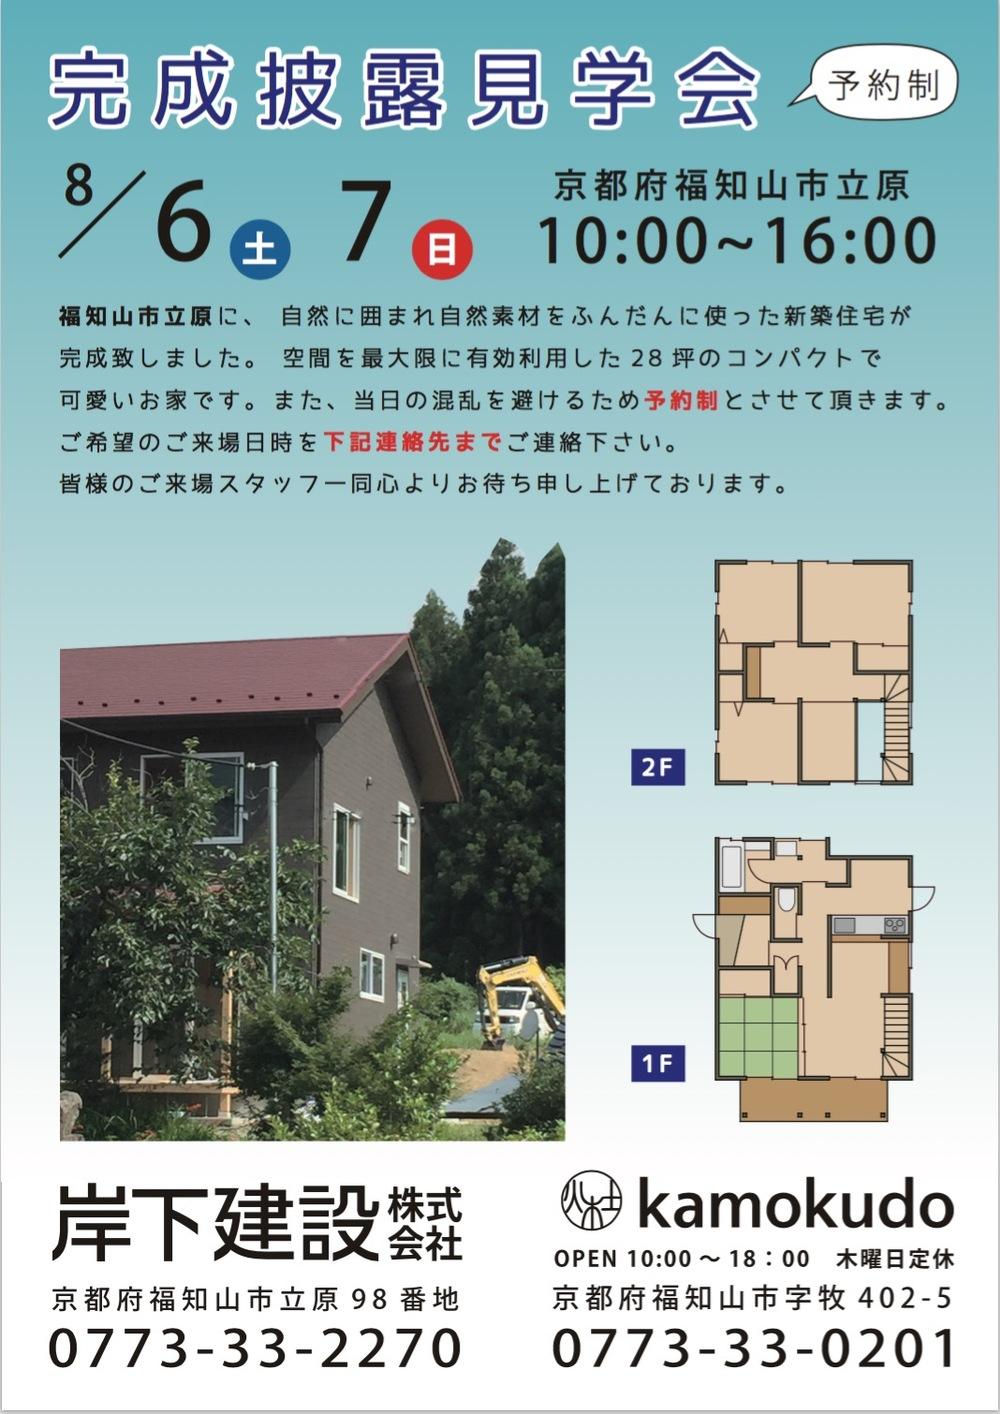 2016年8月6日(木)•7日(日)京都府福知山市立原にて予約制完成披露見学会を開催いたします。。